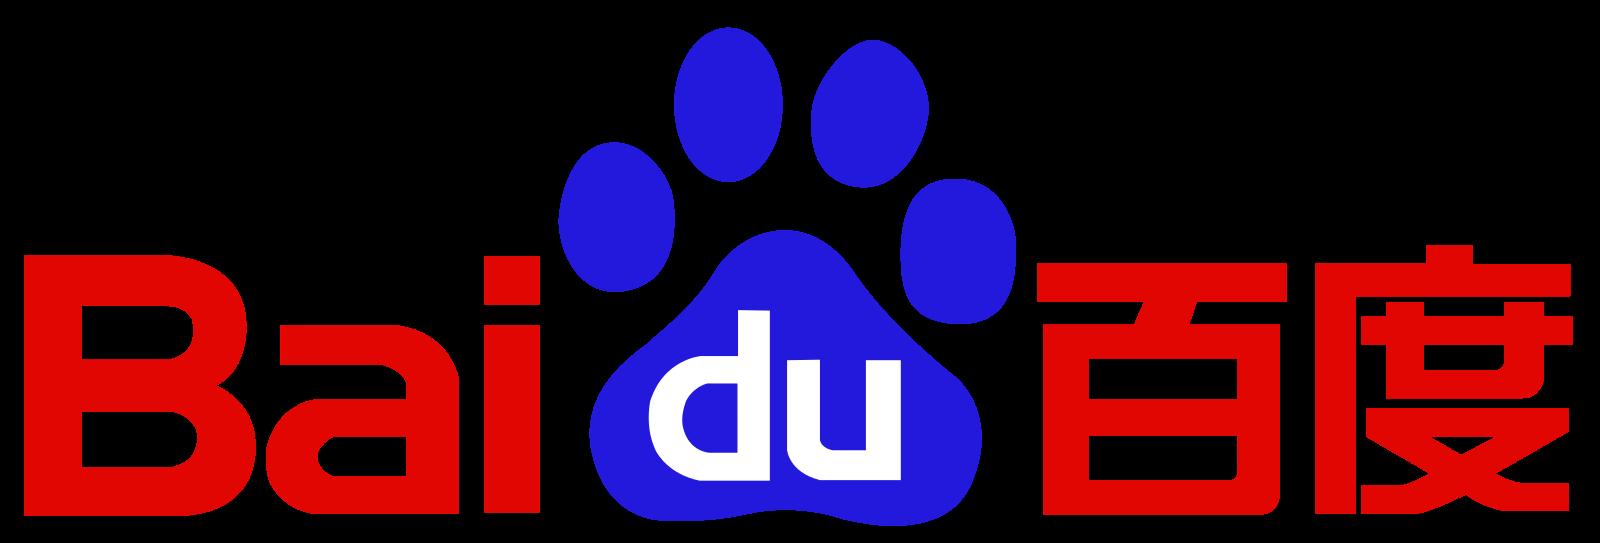 baidu logo 2 - Baidu Logo